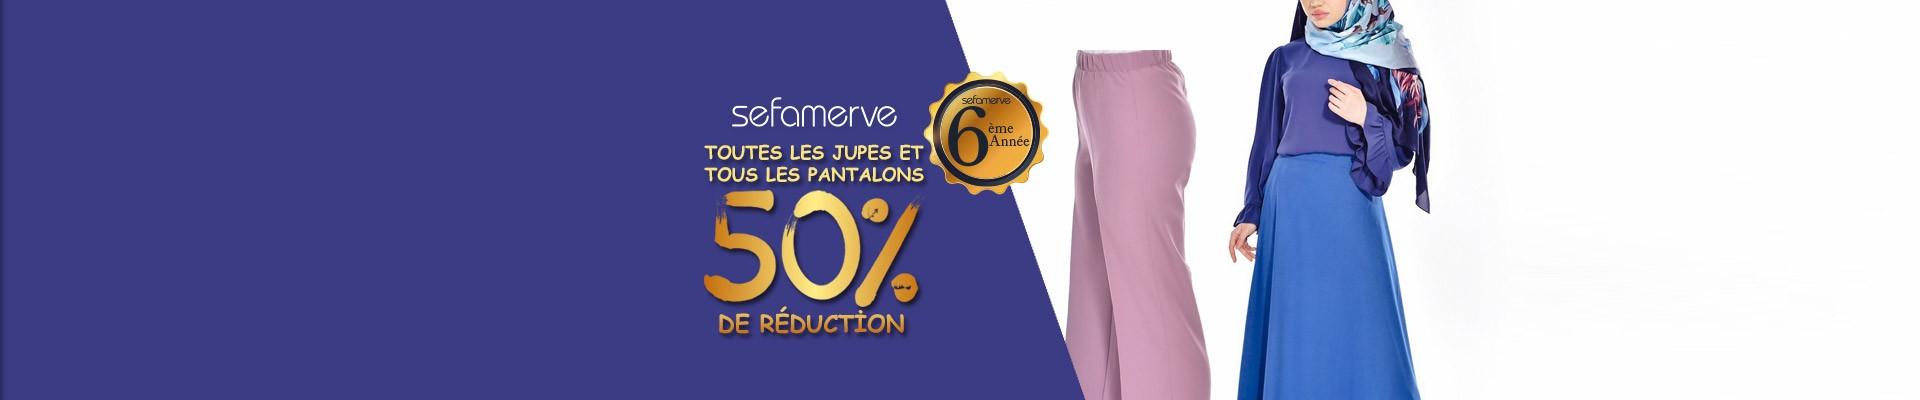 TOUTES LES JUPES ET TOUS LES PANTALONS 50% De Réduction